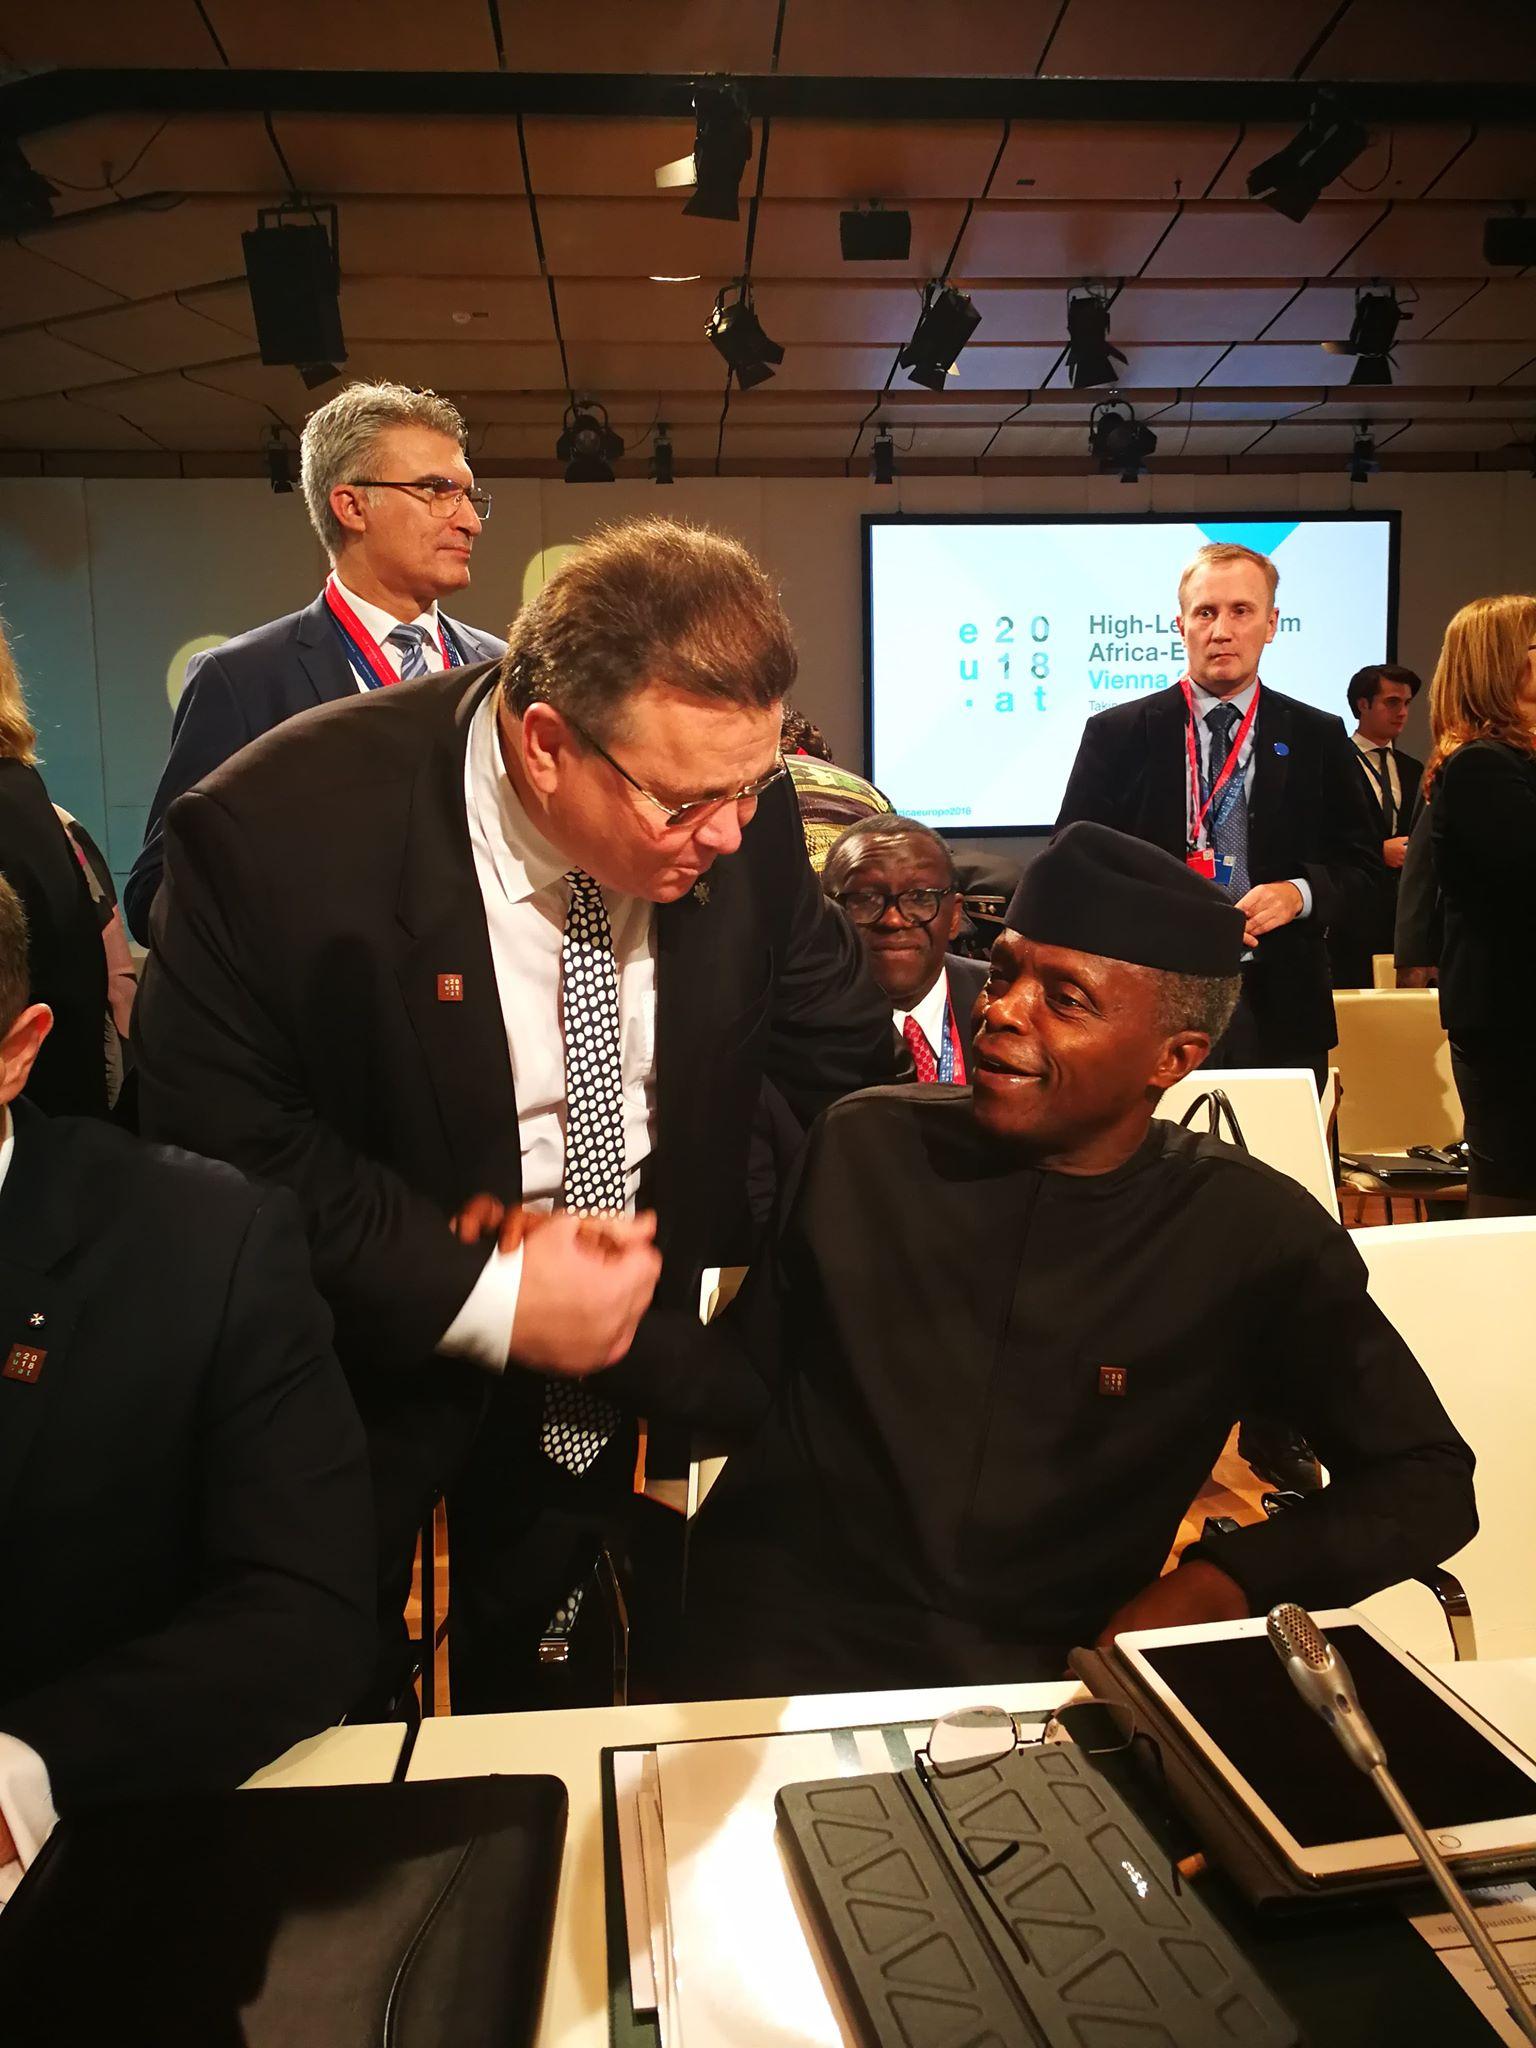 Bendra ES ir Afrikos skaitmeninė vizija Lietuvos IRT įmonėms atvers naujas rinkas